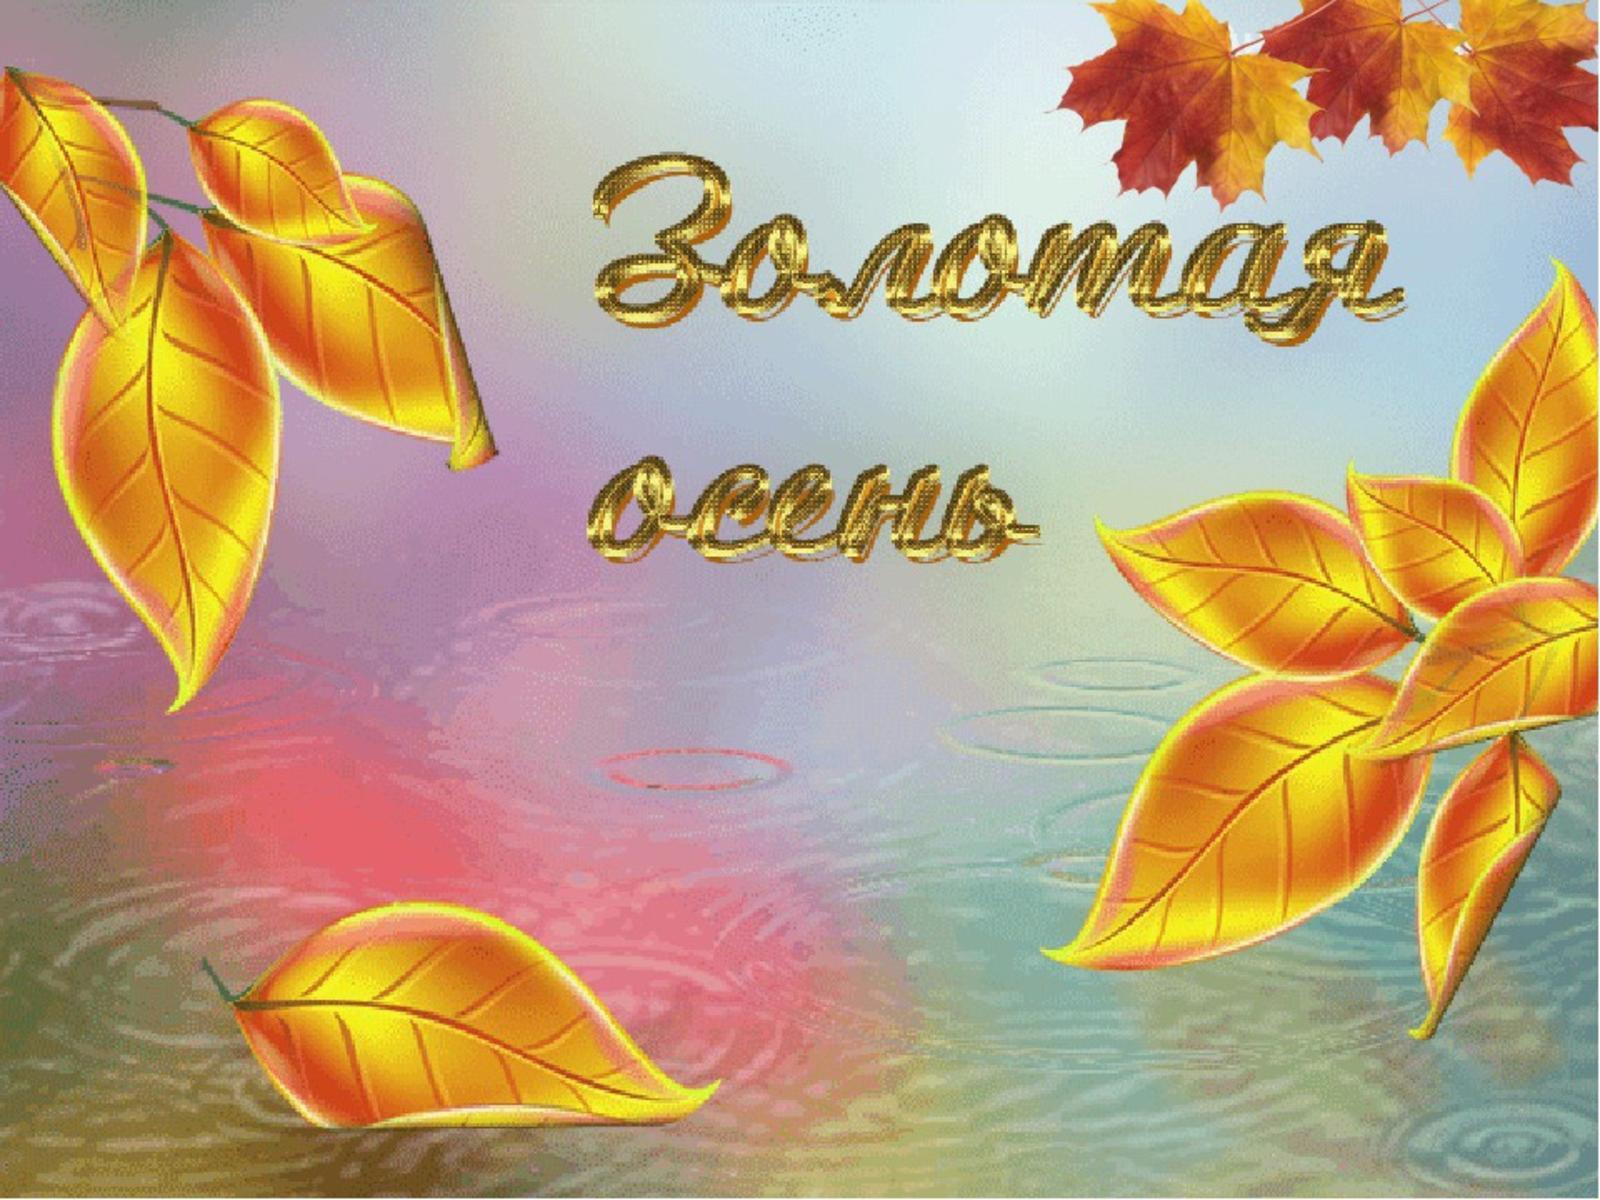 Челентано, картинка золотая осень с надписями